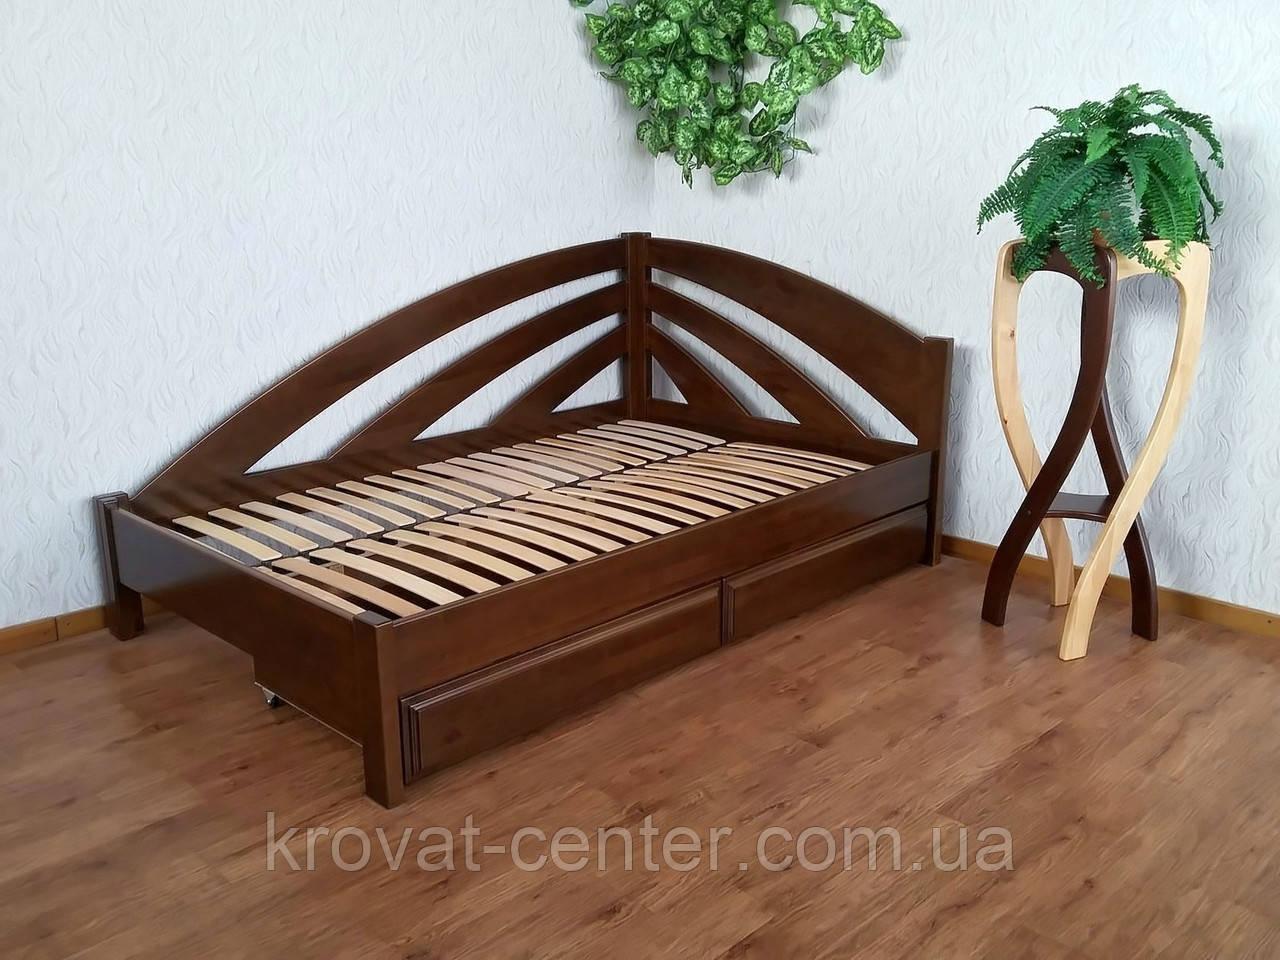 """Полуторне ліжко з ящиками з масиву натурального дерева """"Веселка"""" від виробника"""